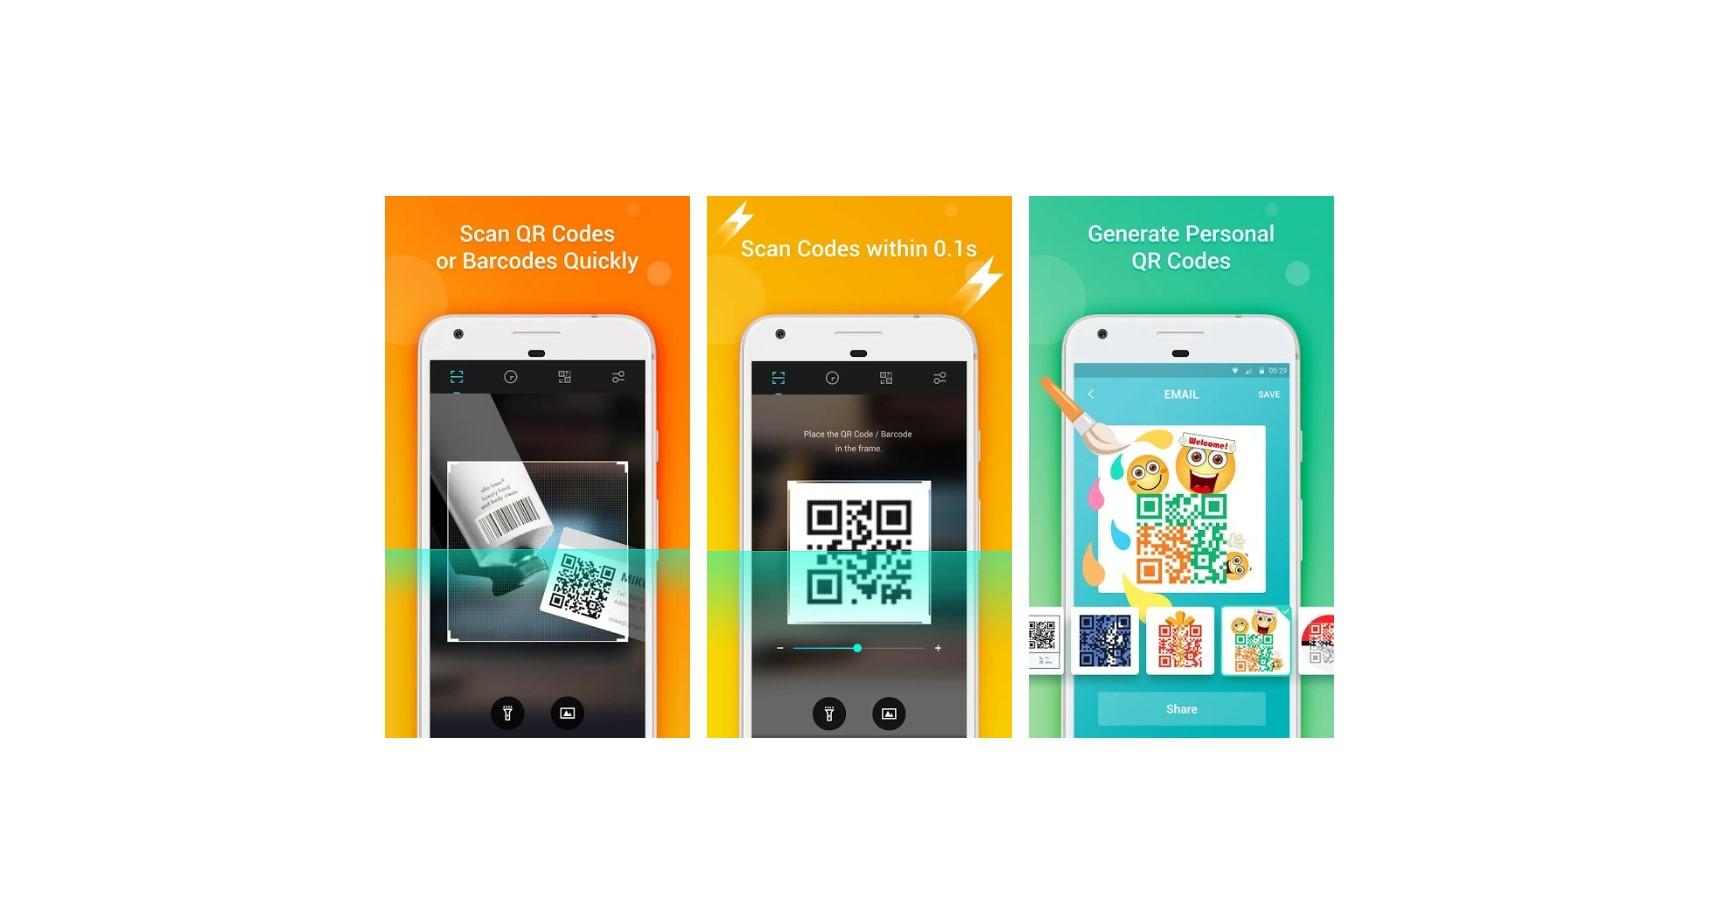 Dejte si pozor na aplikaci QR Code Reader-Barcode scanner, může vás přijít draho